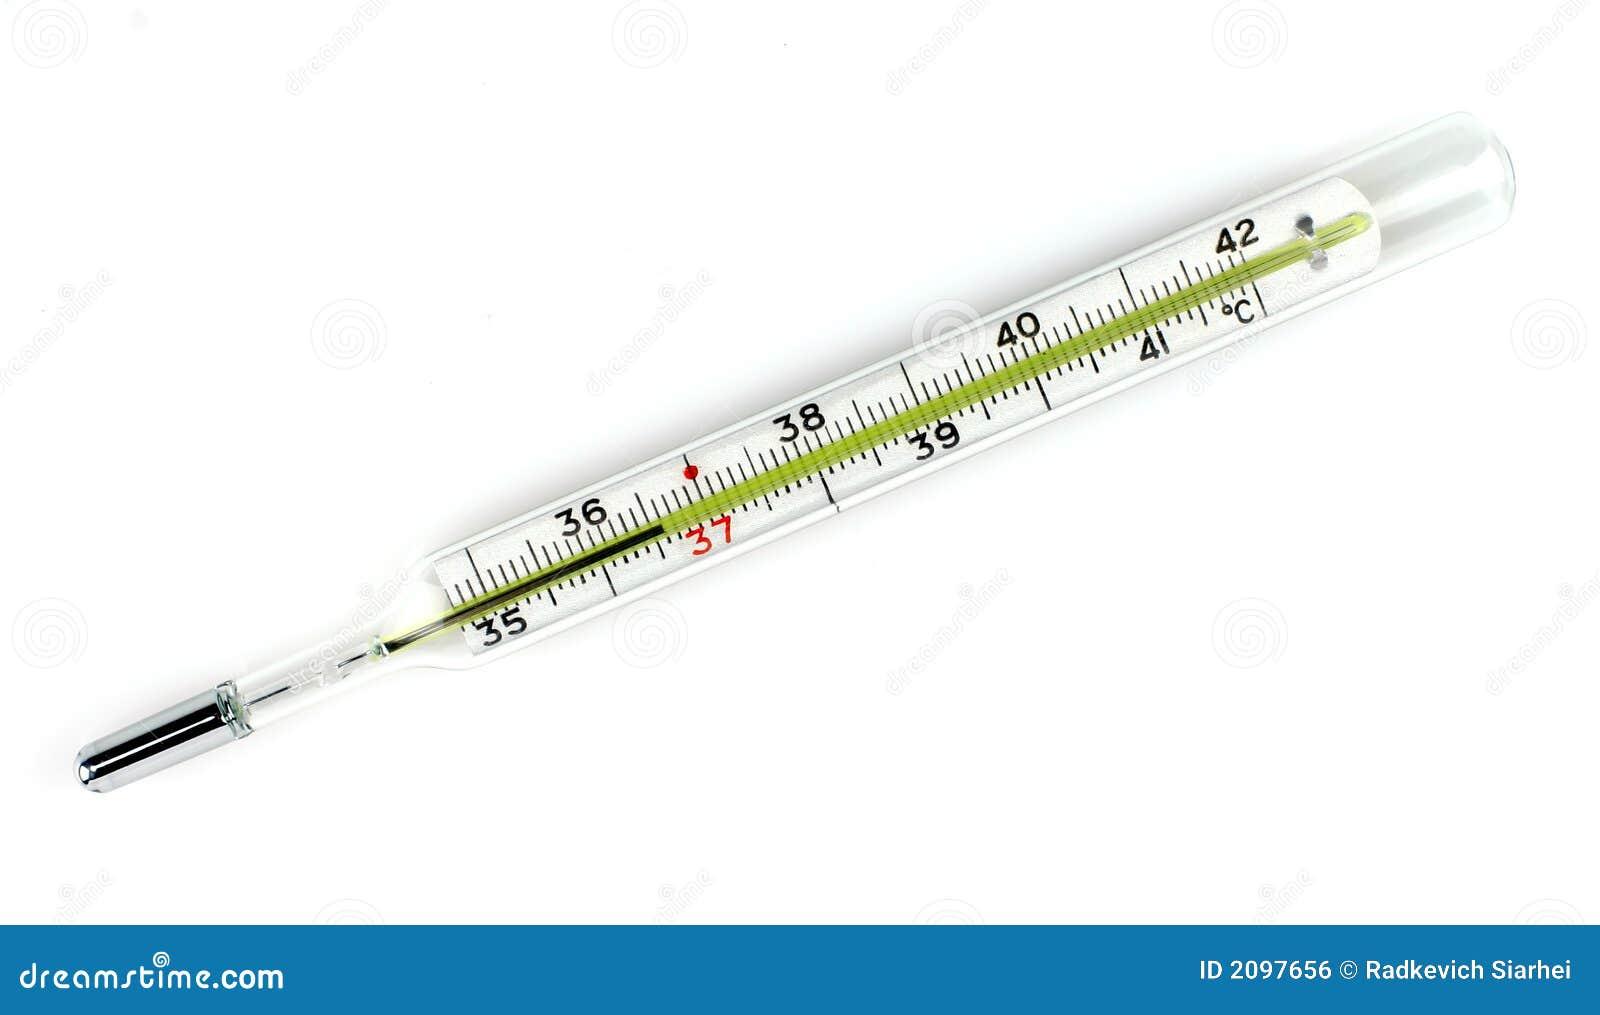 oral temperature